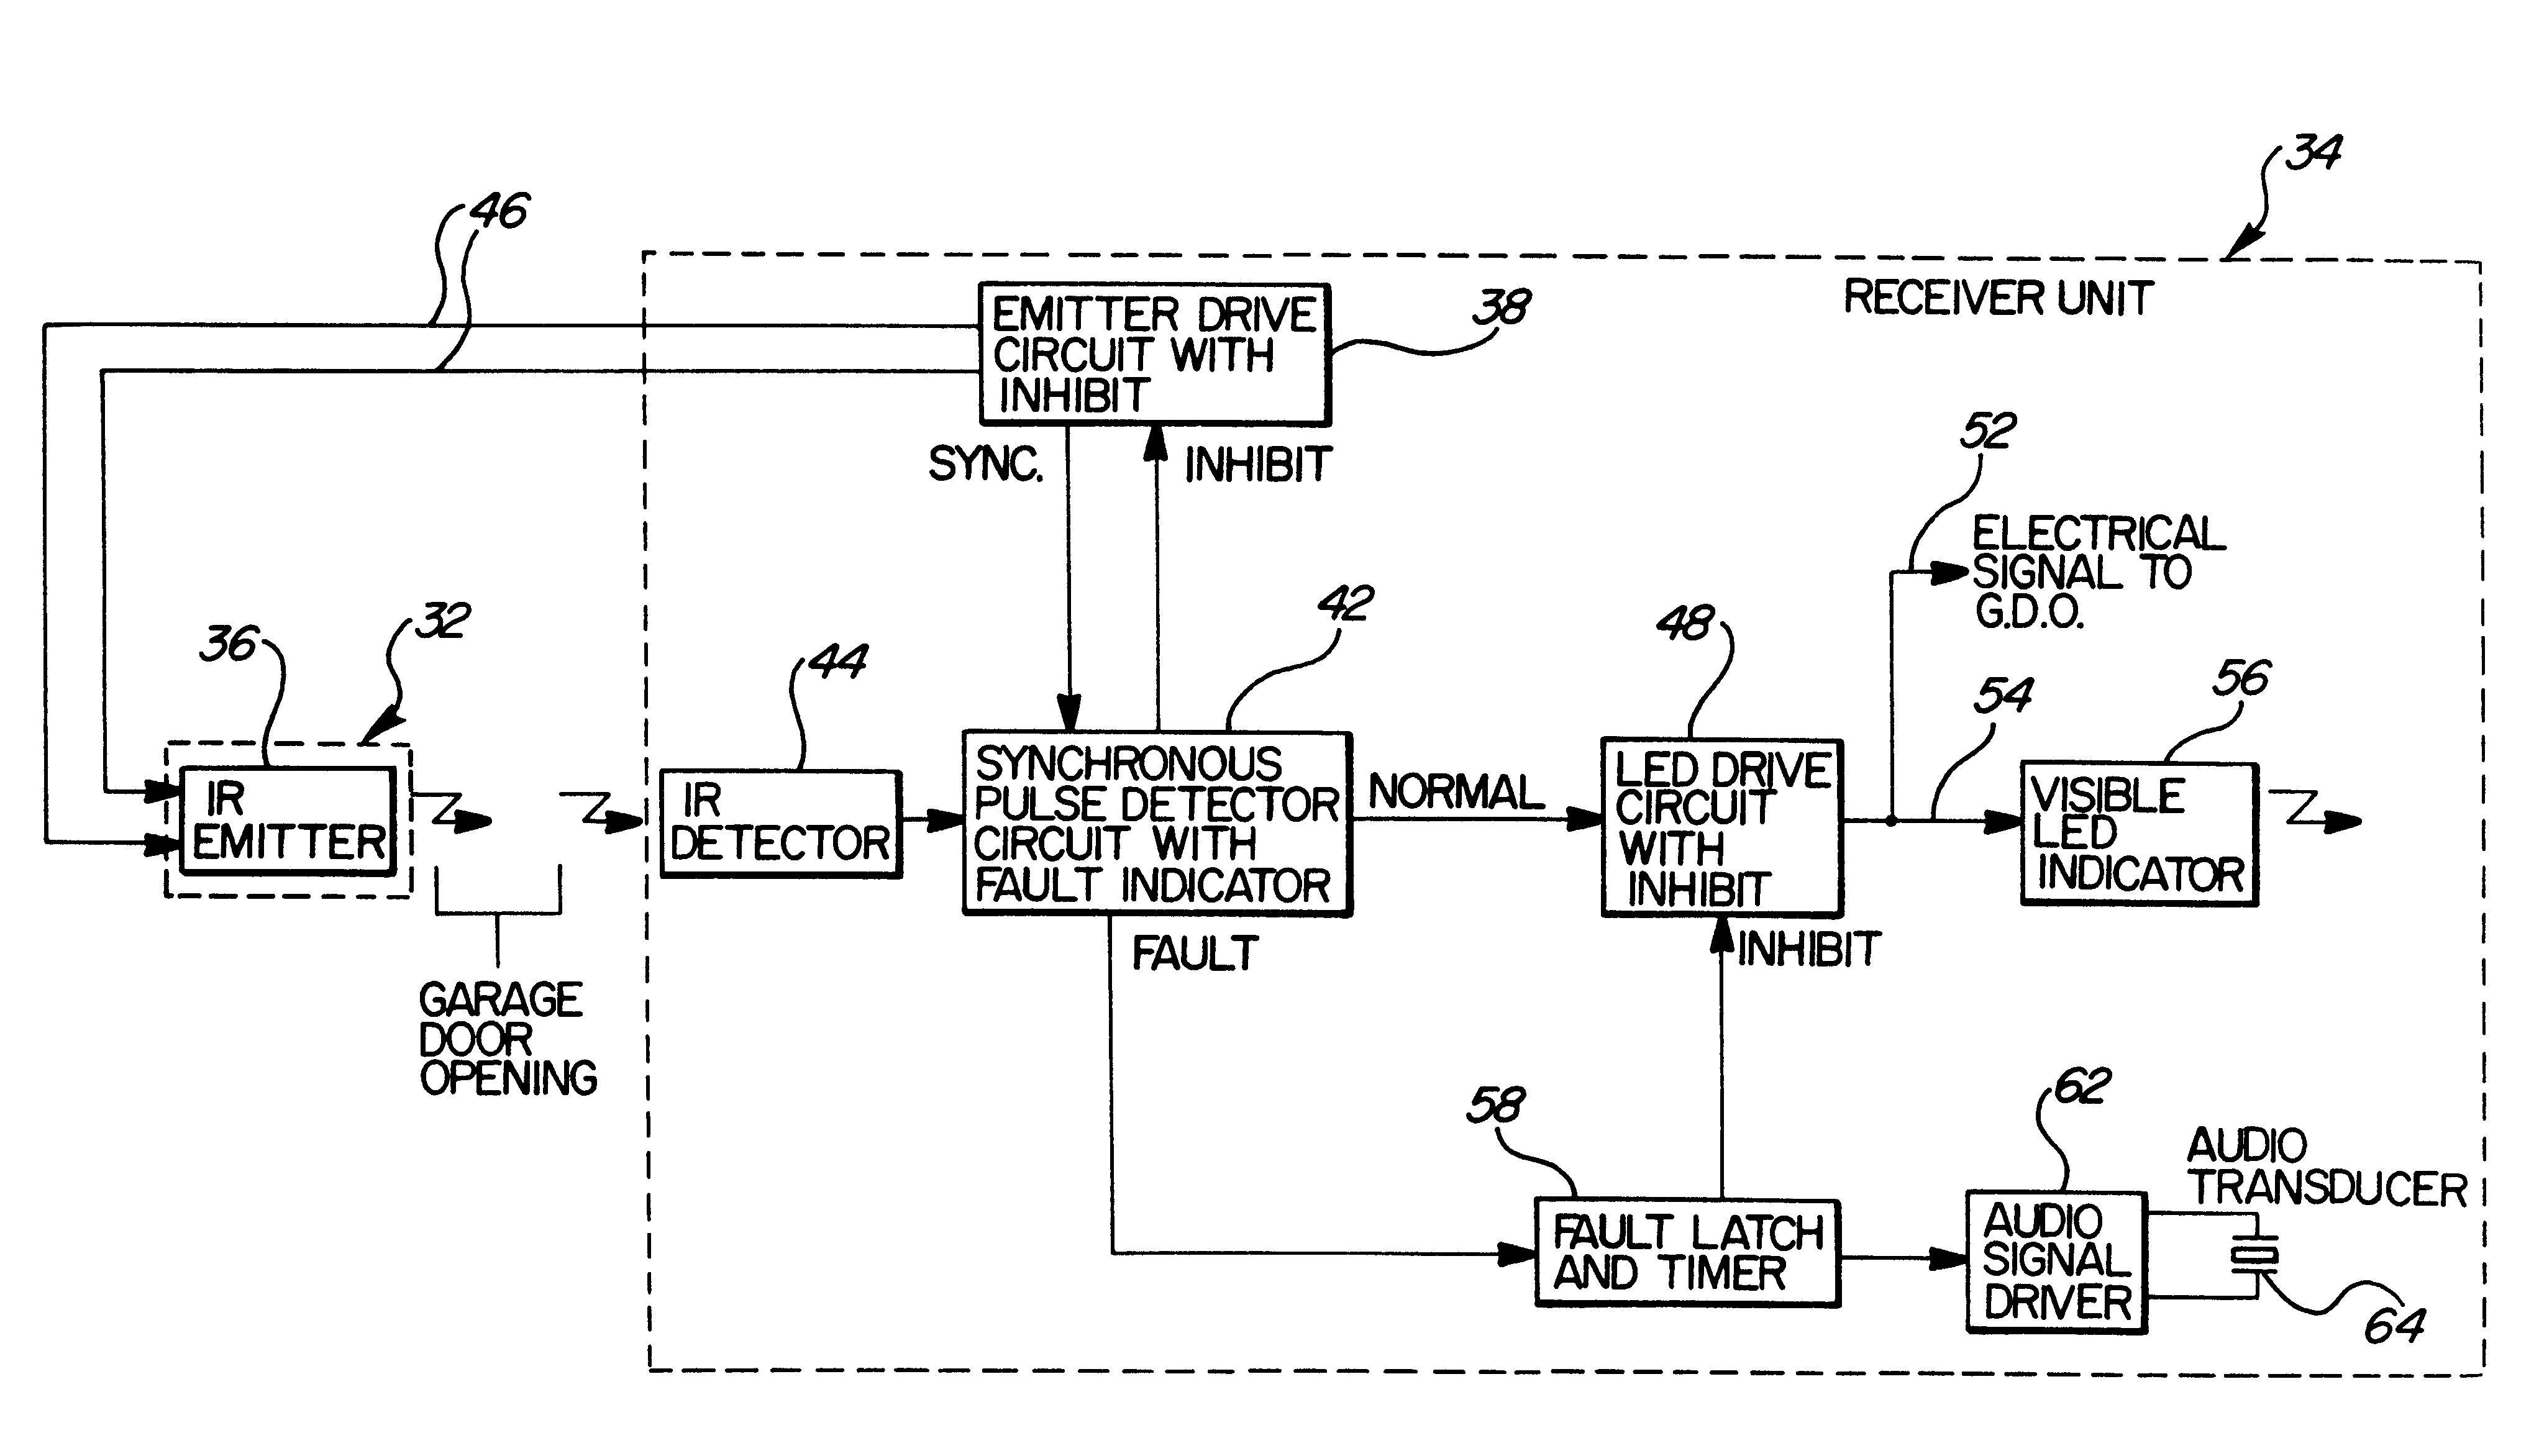 Liftmaster Garage Door Opener Wiring Diagram Chamberlain Garage Door Opener Wiring Diagram Http Voteno123 for Of Liftmaster Garage Door Opener Wiring Diagram